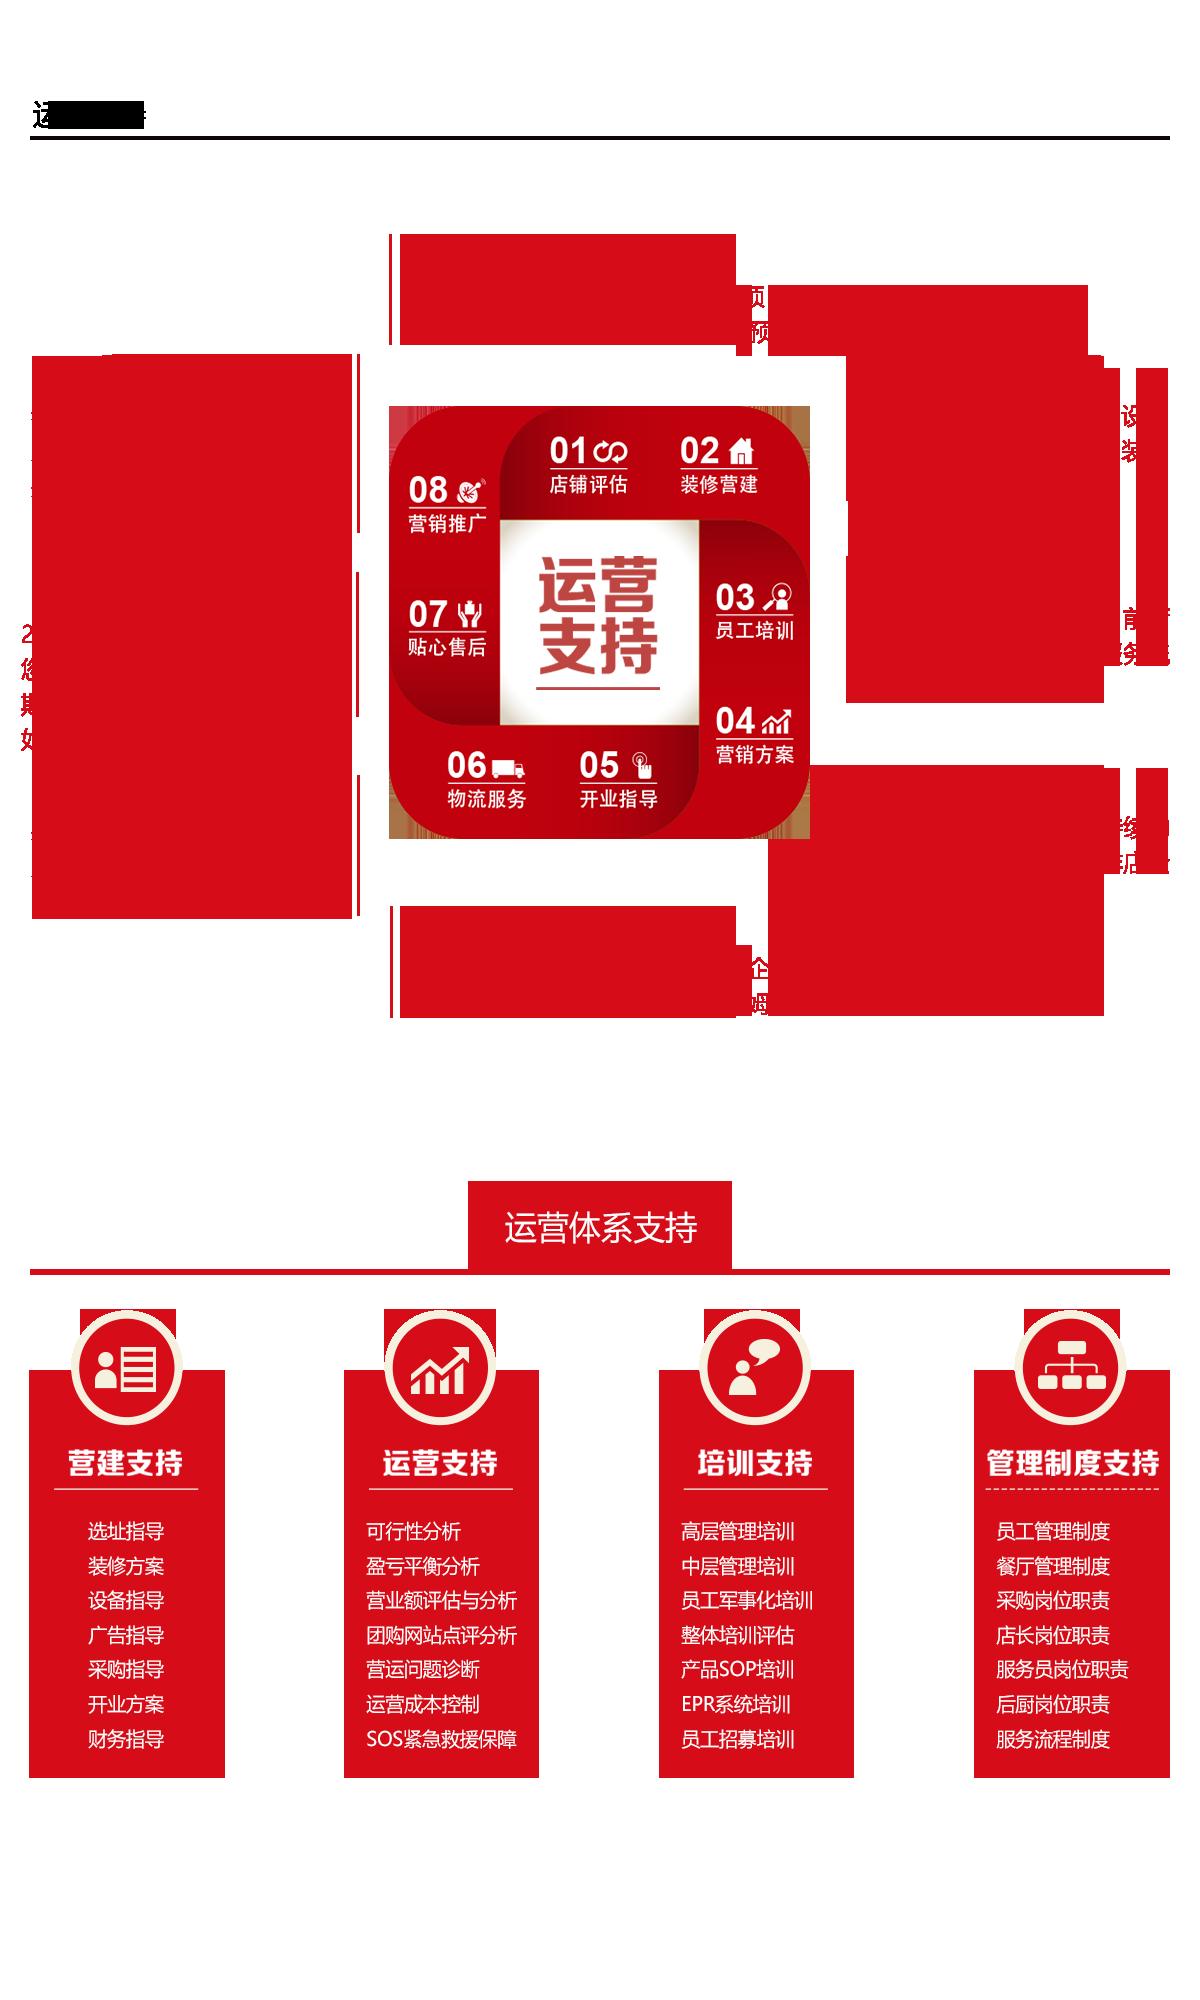 渡娘火锅加盟电话加盟条件_渡娘火锅加盟排行榜_7